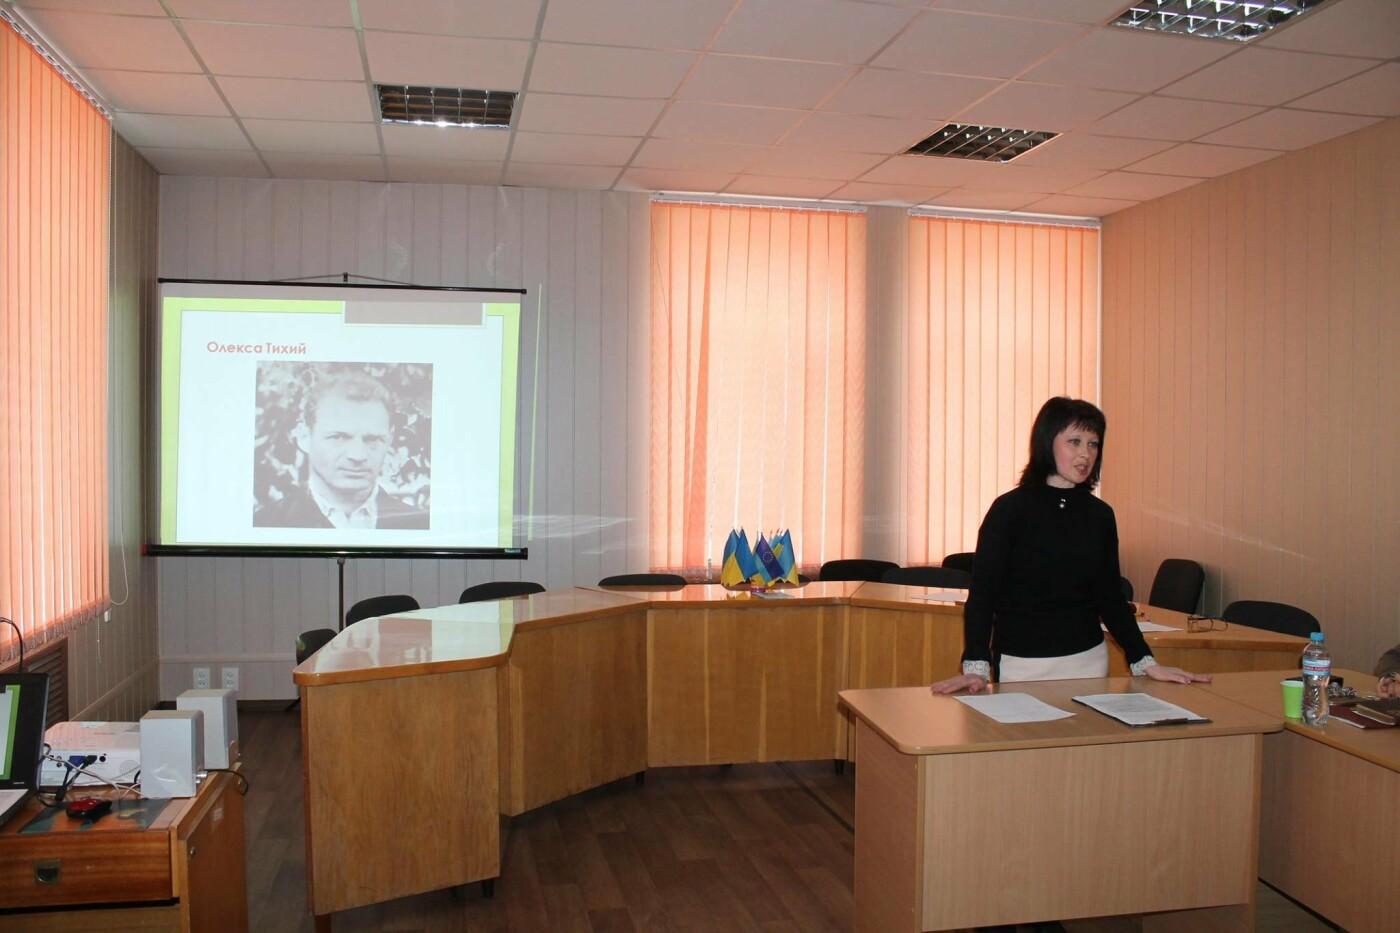 У Костянтинівському районі обрали переможця Олексиних читань, фото-4